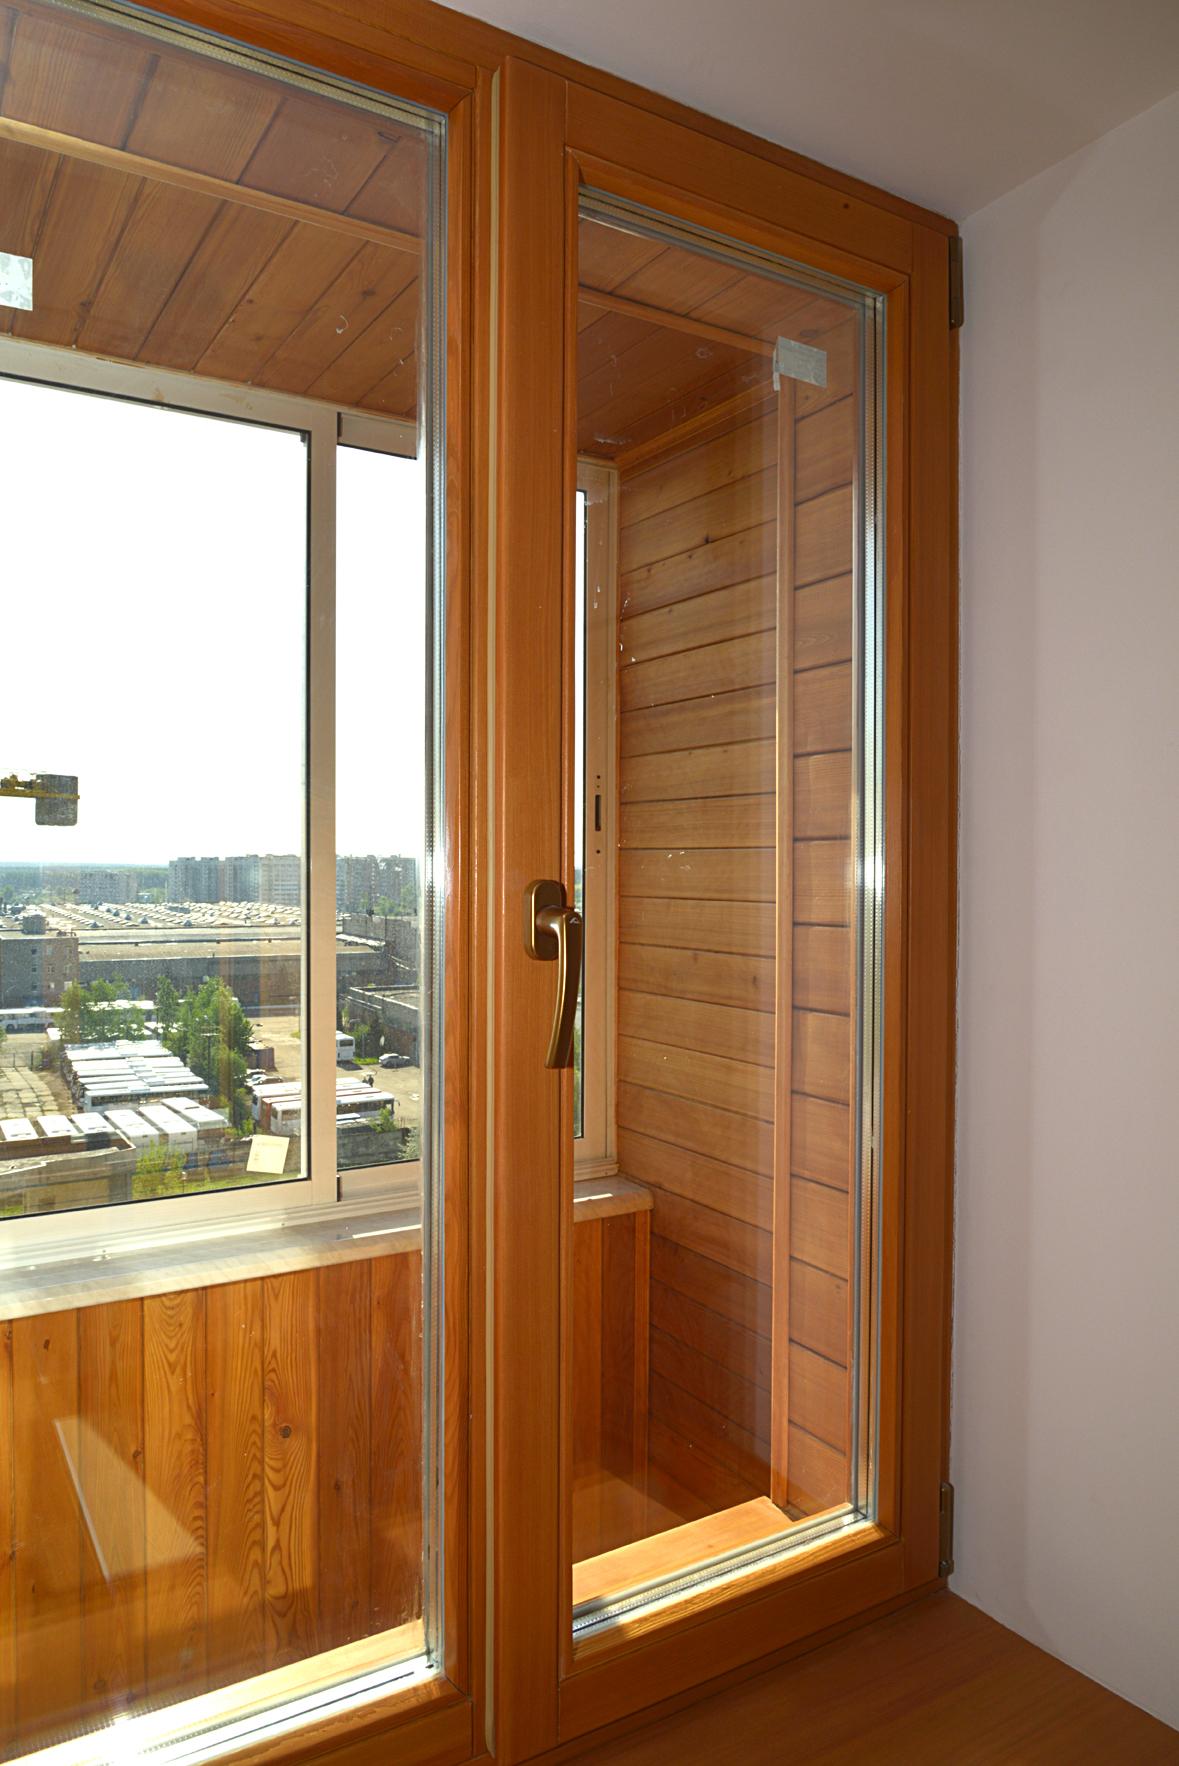 Окно на лоджию изготовлено из дерева (лиственница).